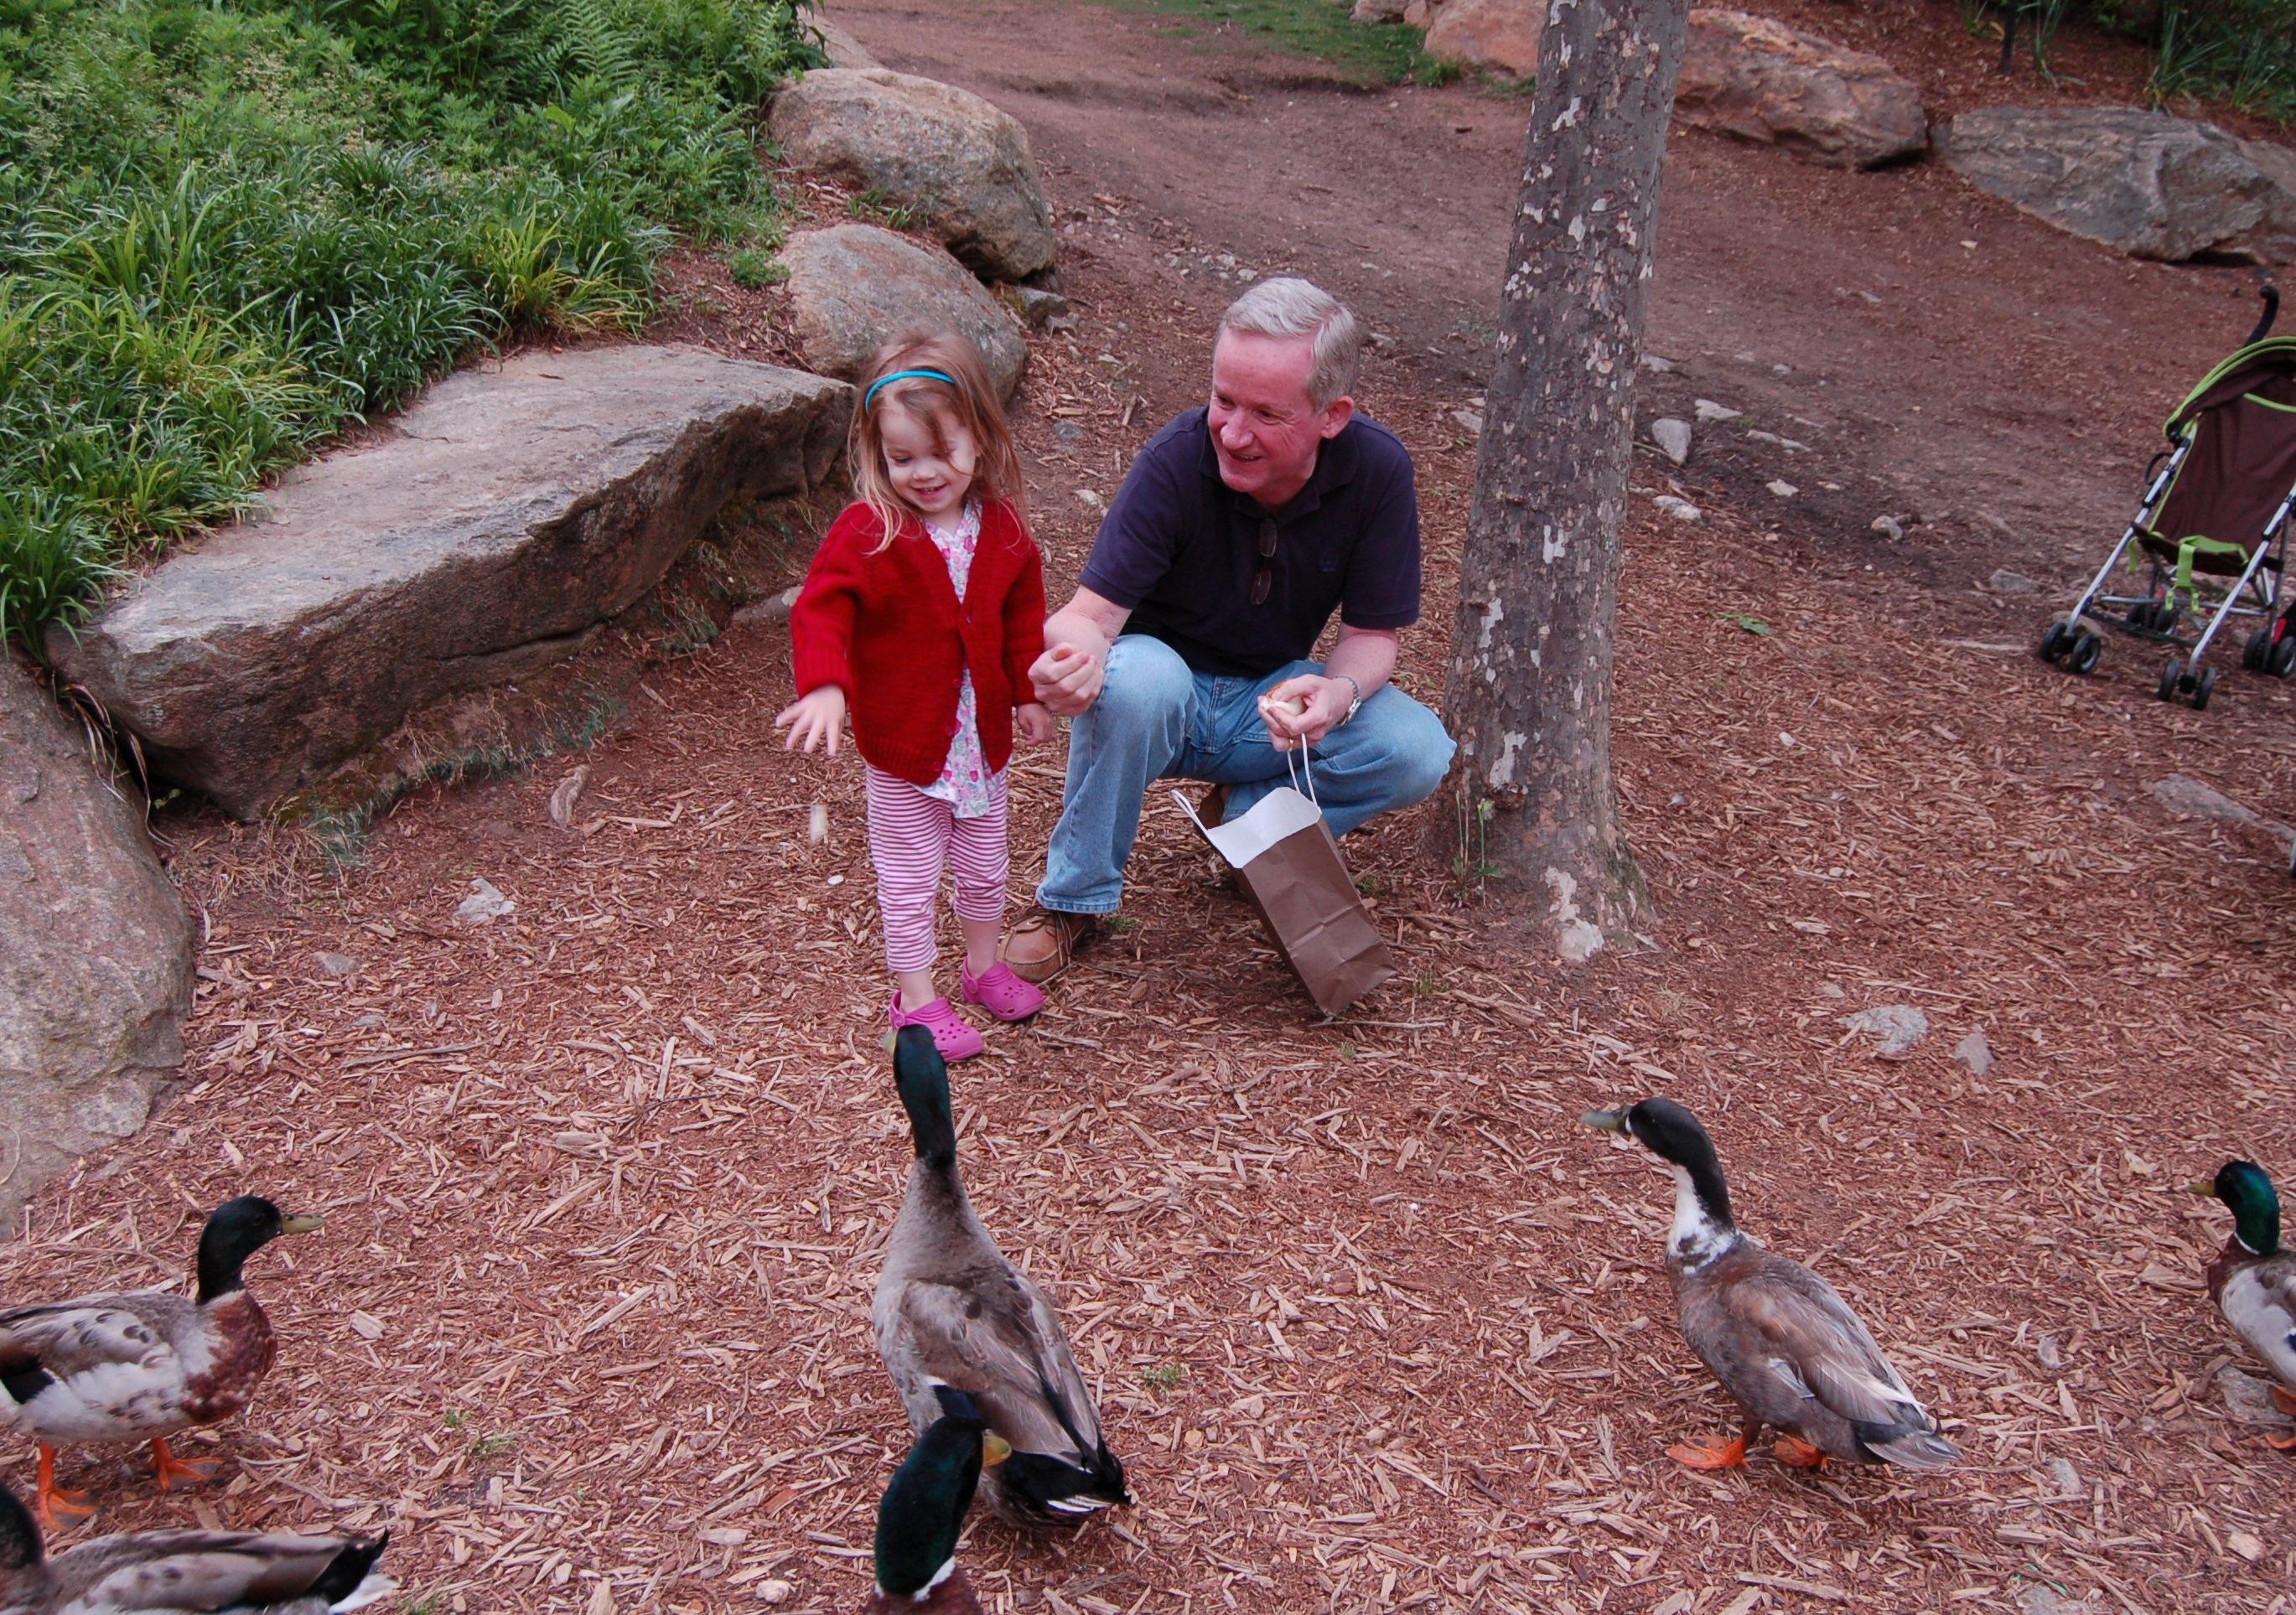 Feeding the ducks was